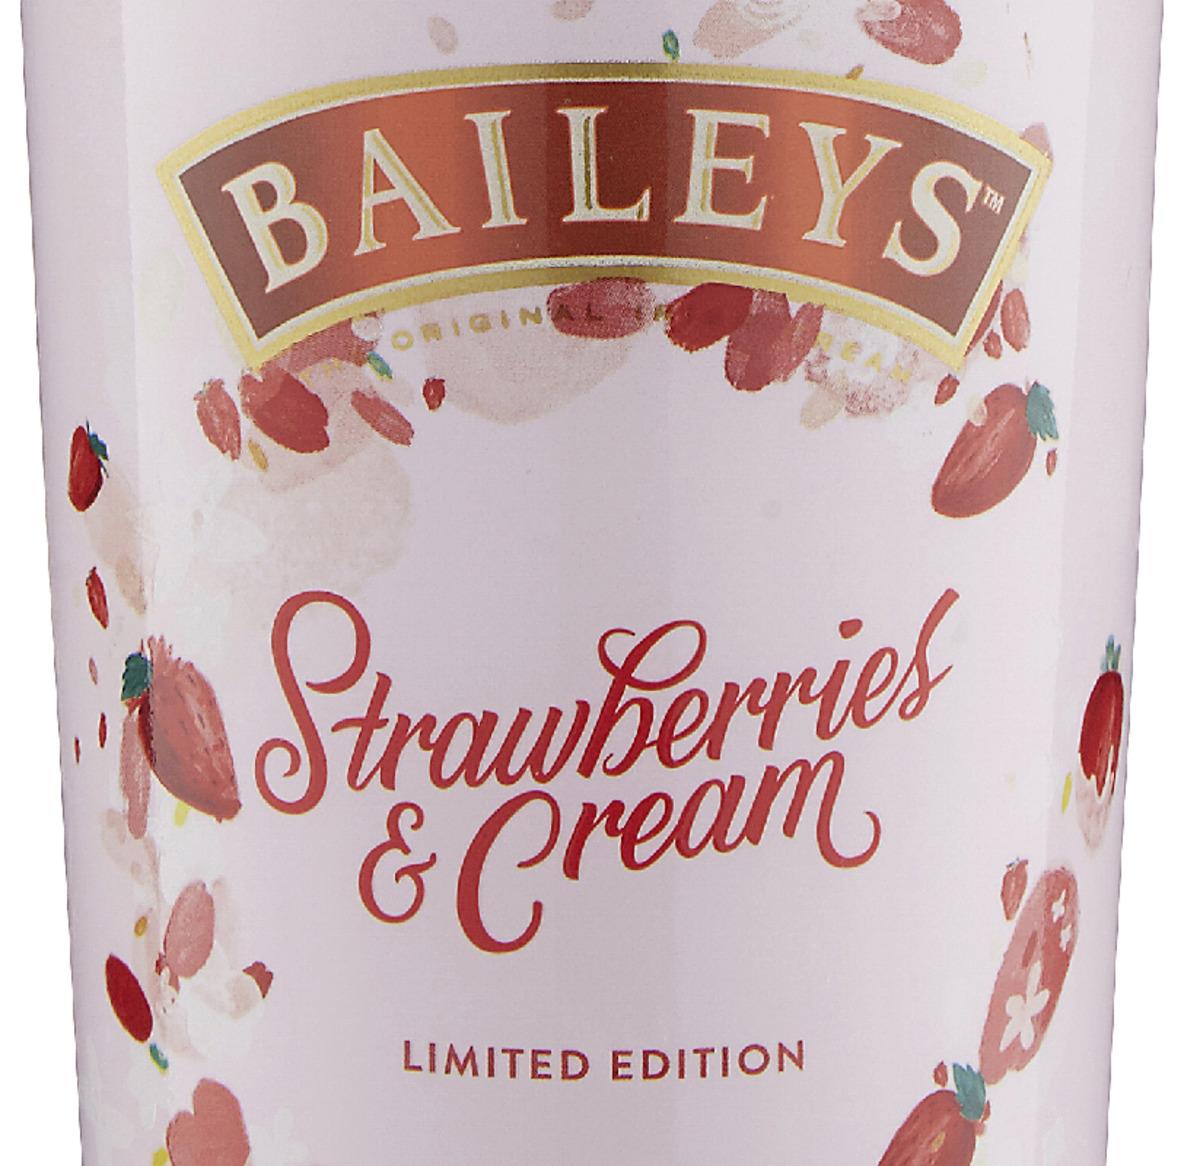 Bild 2 von Baileys Strawberry & Cream